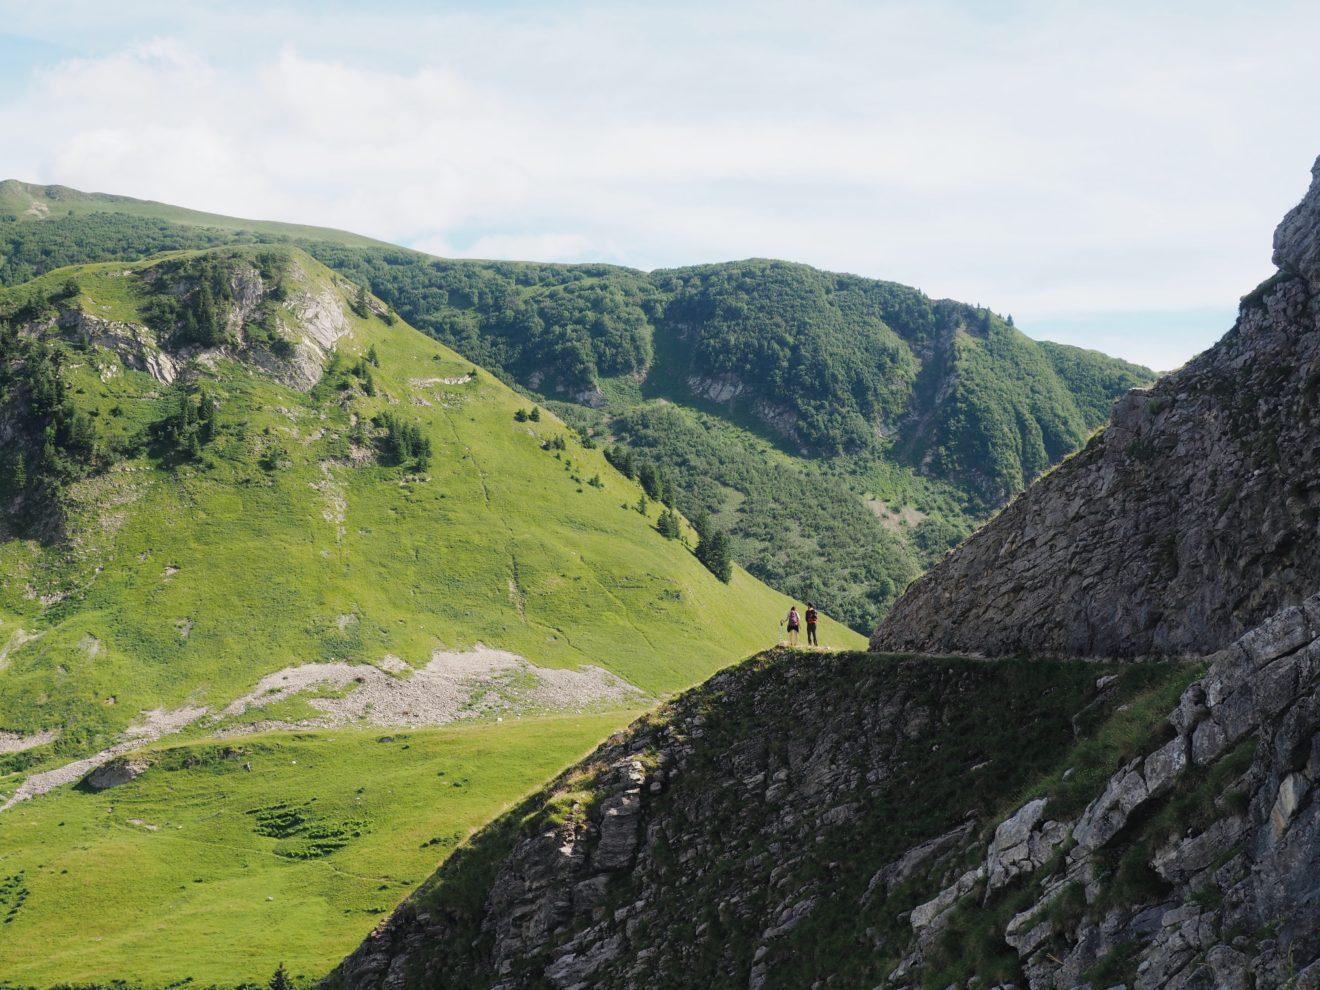 Chemin de randonnée - Alpes